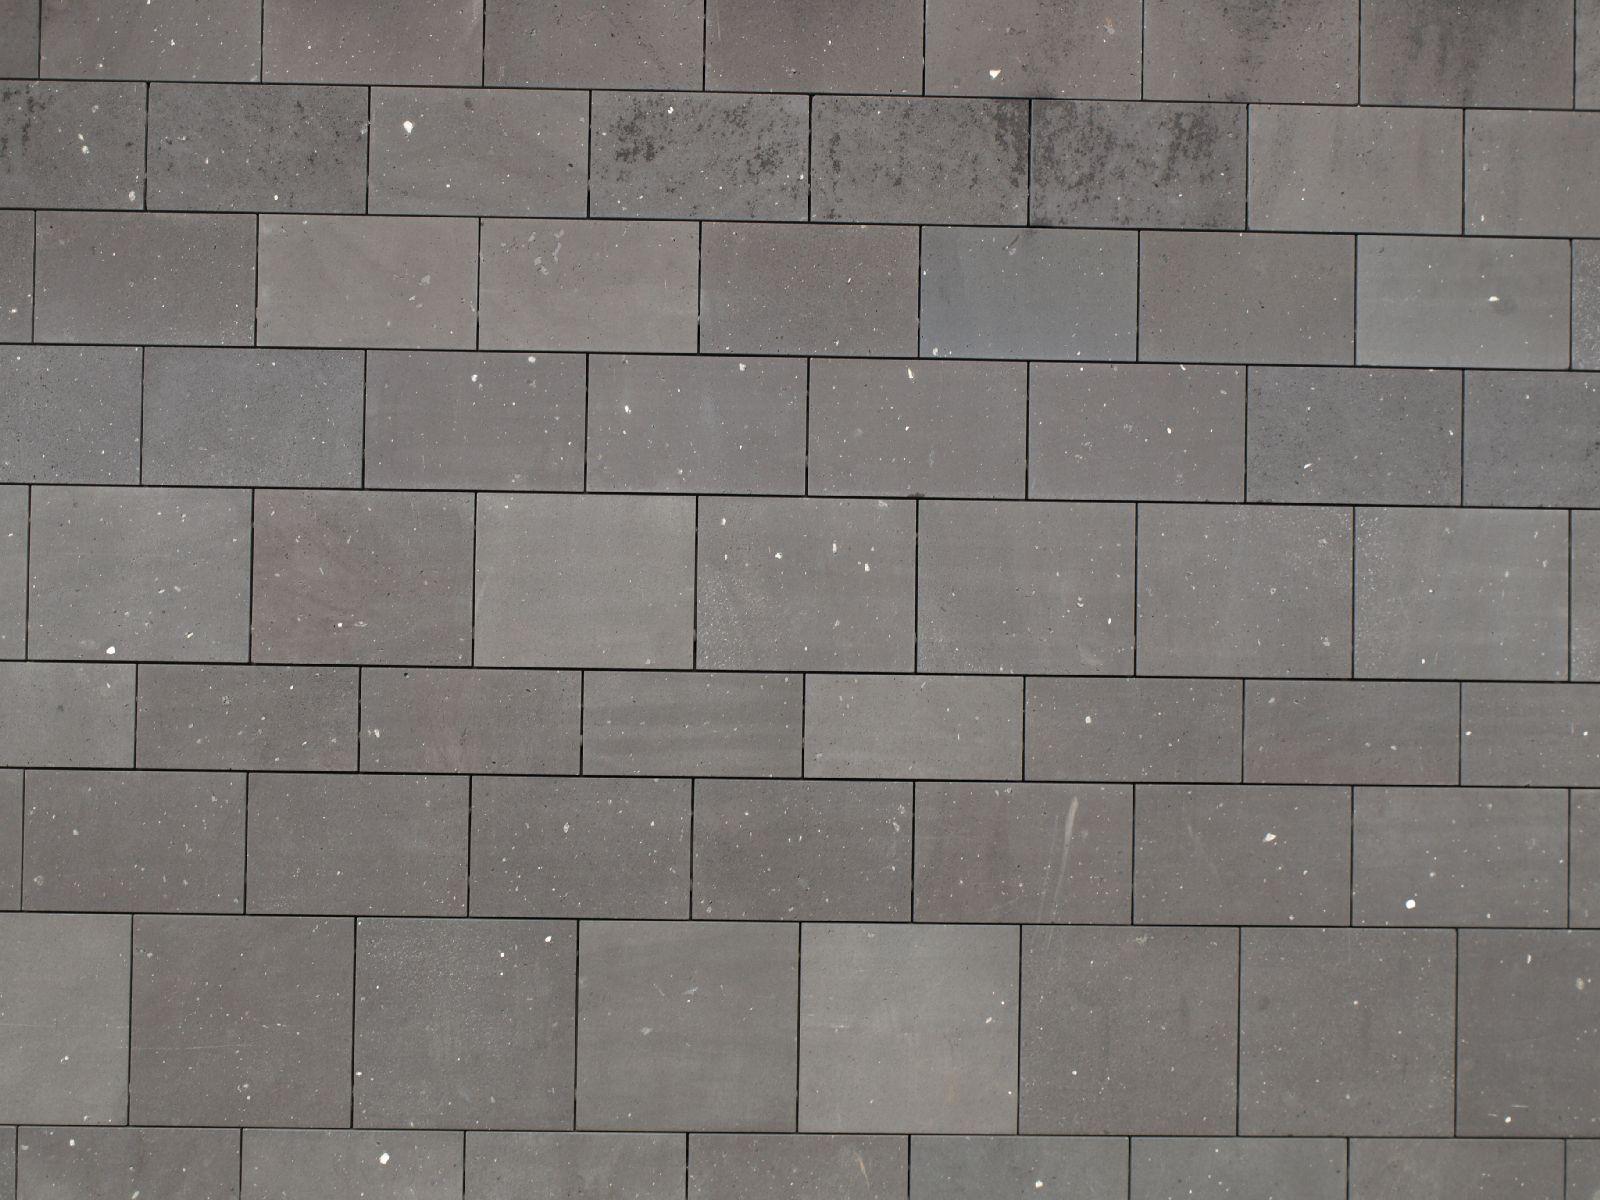 Boden-Gehweg-Strasse-Buergersteig-Textur_A_P5313133